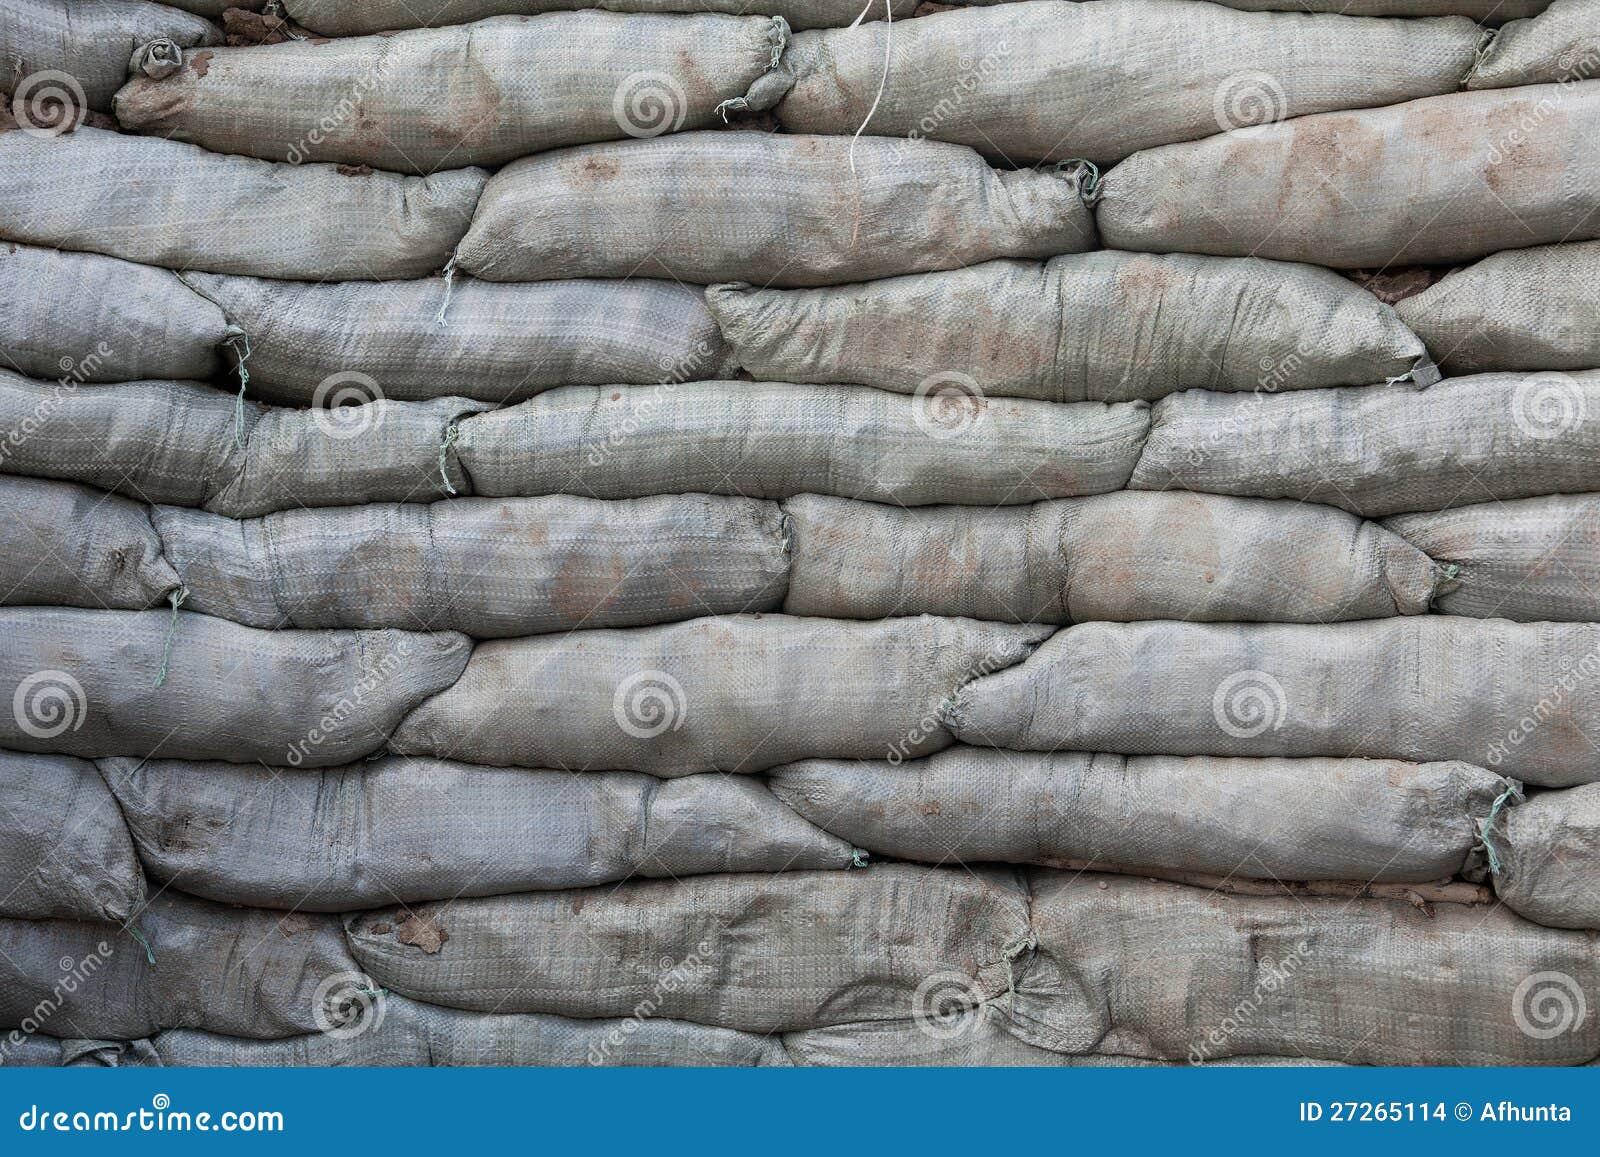 sacs de sable pour la protection d 39 inondation photo stock image du milieux heap 27265114. Black Bedroom Furniture Sets. Home Design Ideas